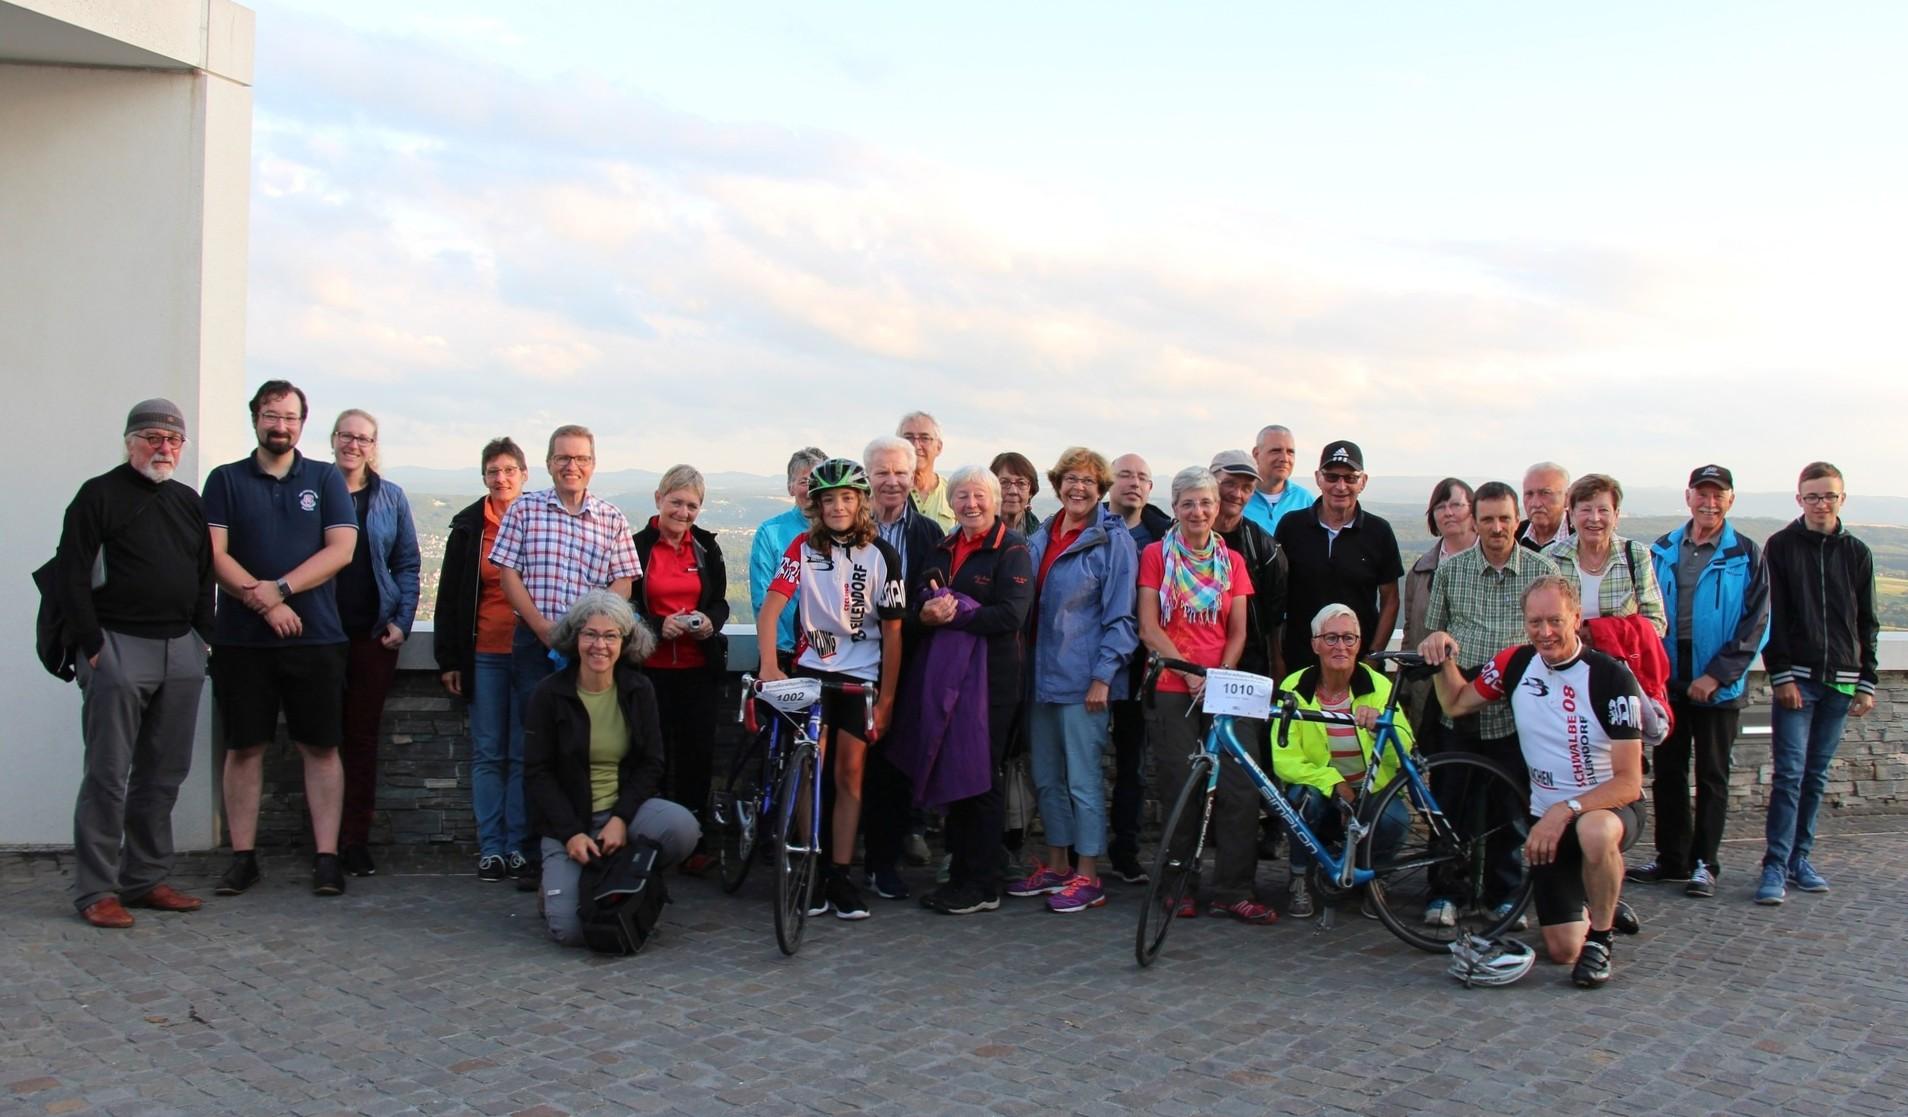 Beim Bergzeitfahren wurden die beiden Schwalbe-Teilnehmer (hier im Trikot mit den Rädern) von der gesamten Schwalbe-Mannschaft angefeuert, die anschließend den Ausflug auf den Drachenfels mit einem gemeinsamen Abendessen im neuen Restaurant abschloss.